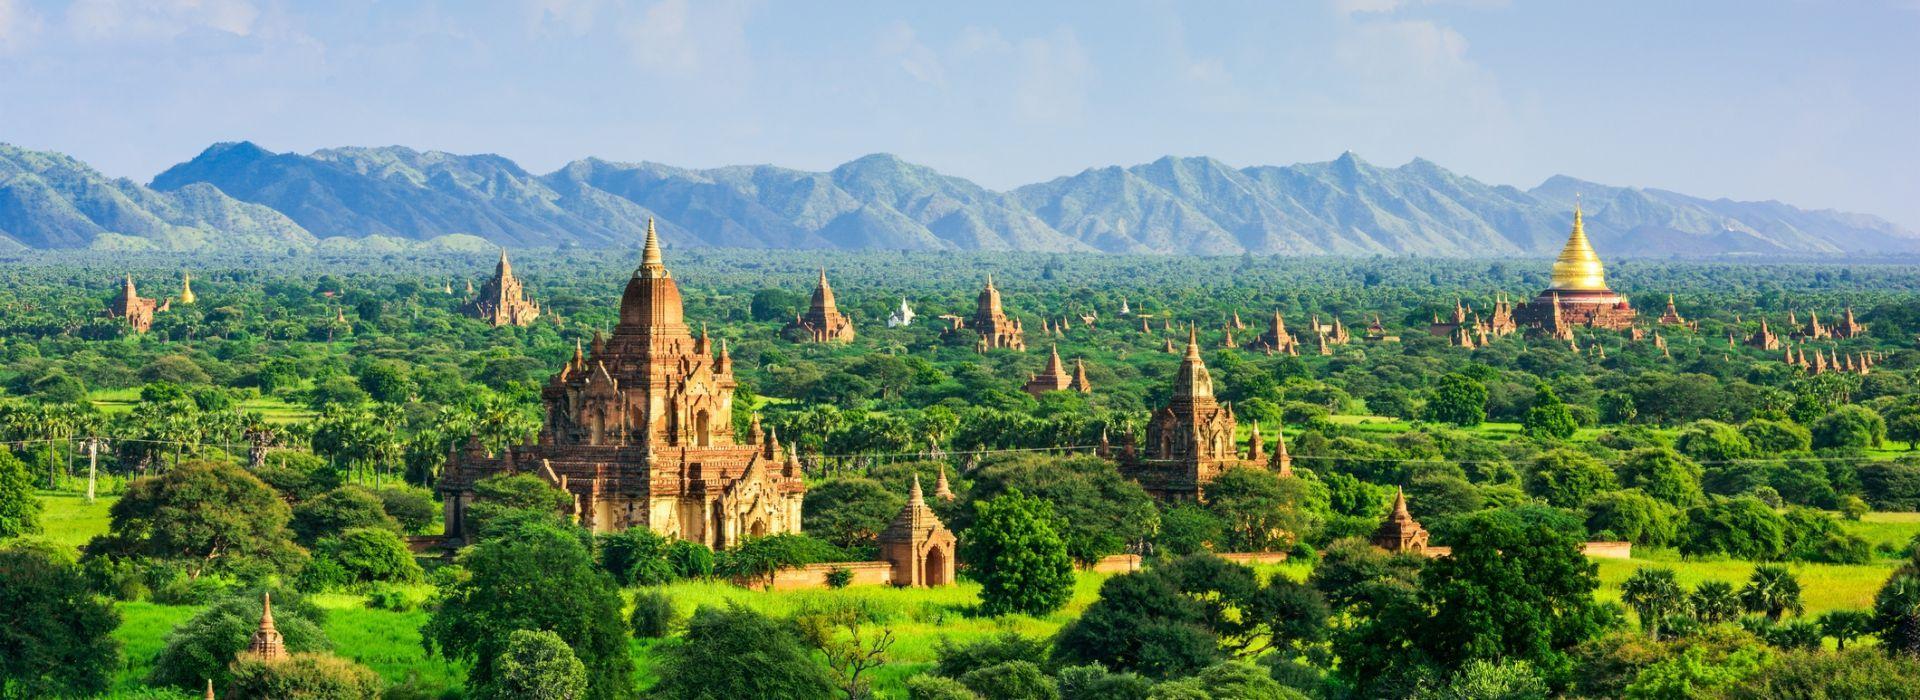 Adventure and sport activities Tours in Myanmar